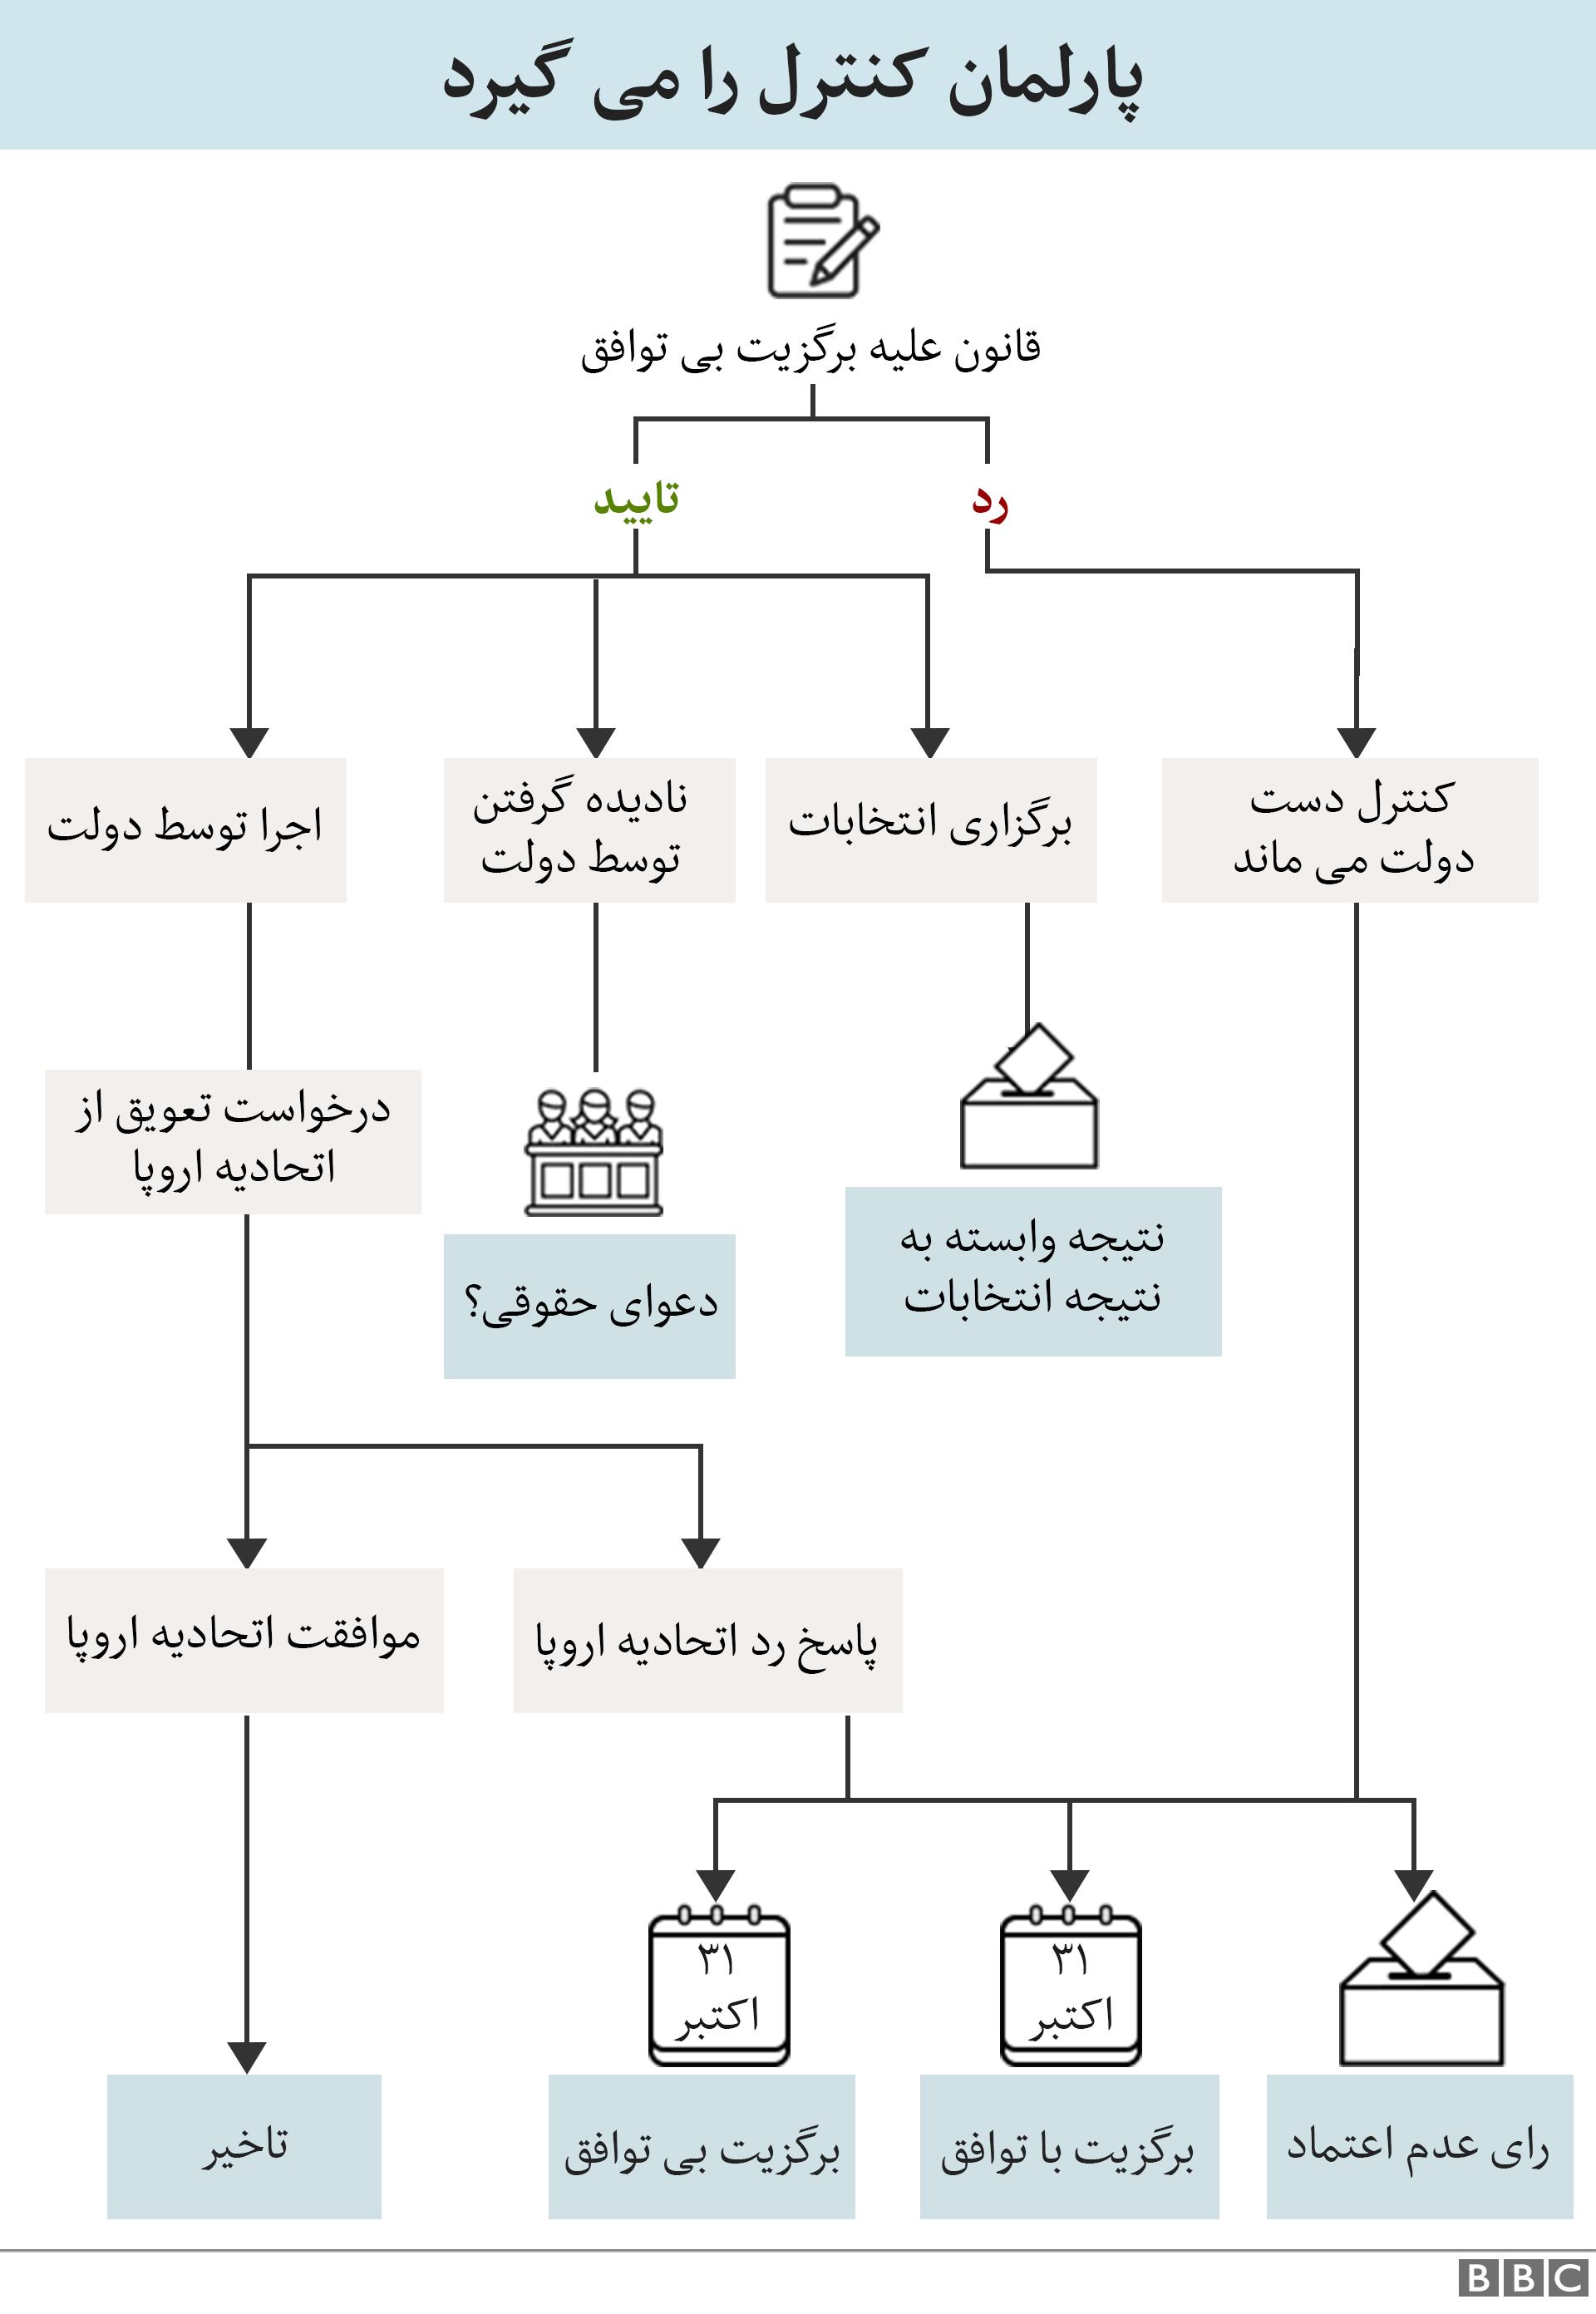 نمودار کنترل پارلمان